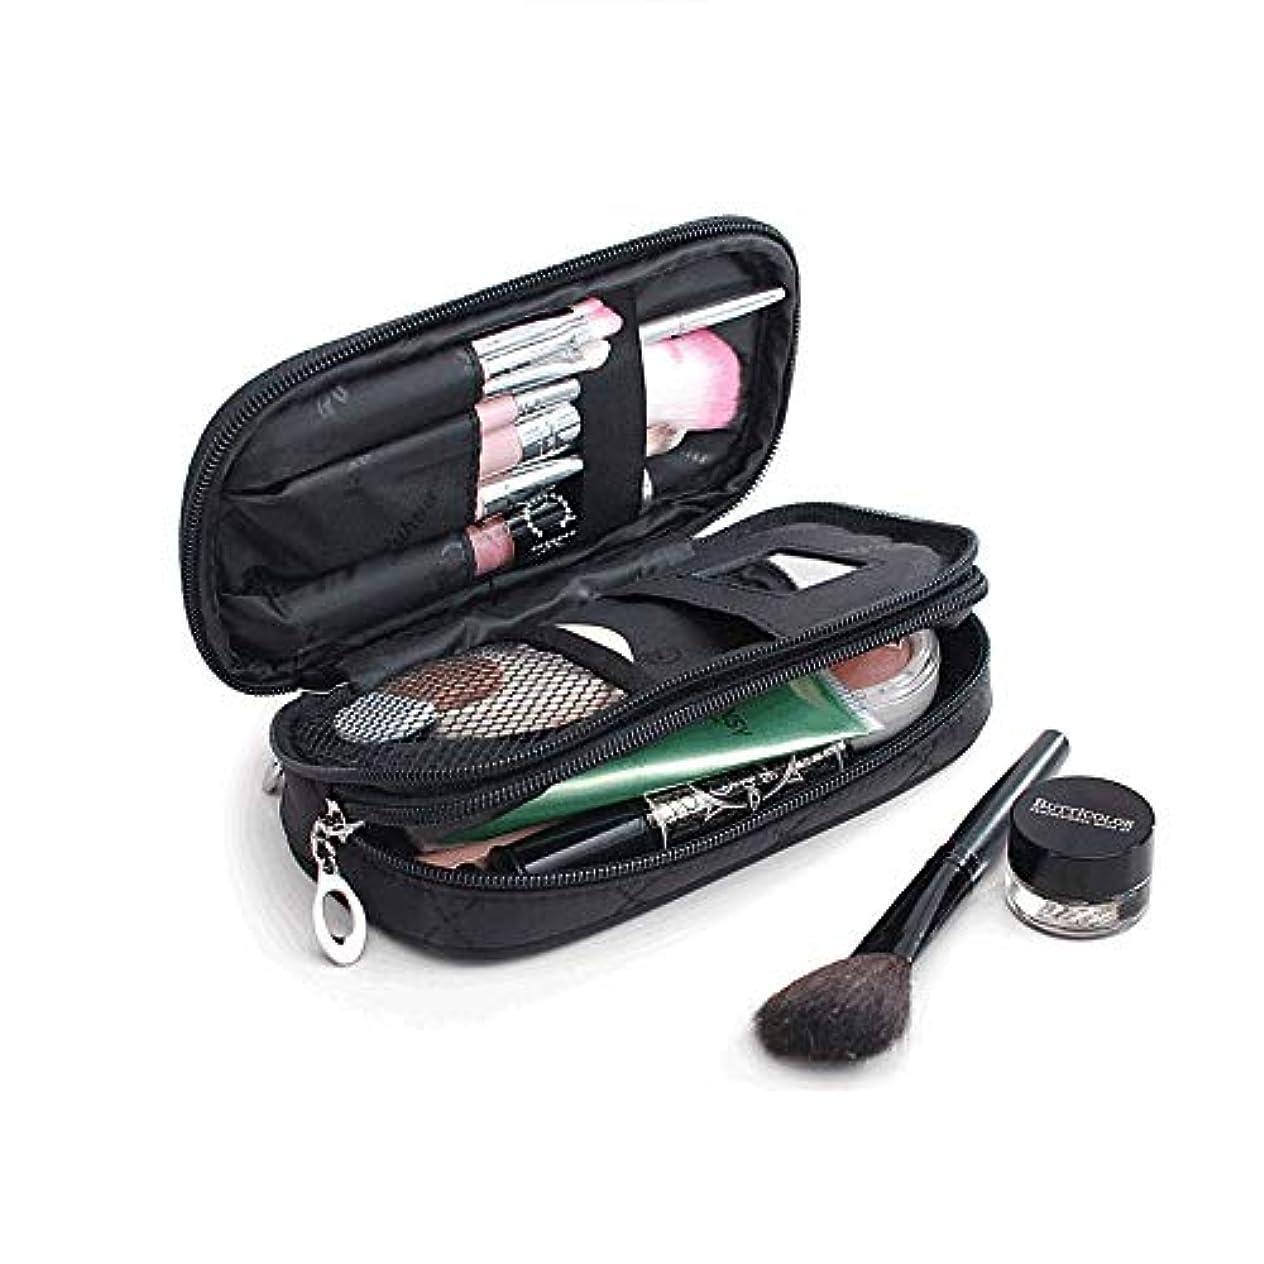 変装した不愉快に教サントレード 化粧ポーチ 鏡付き メイクアップバッグ 化粧バッグ 小物入れ 収納 オーガナイザー